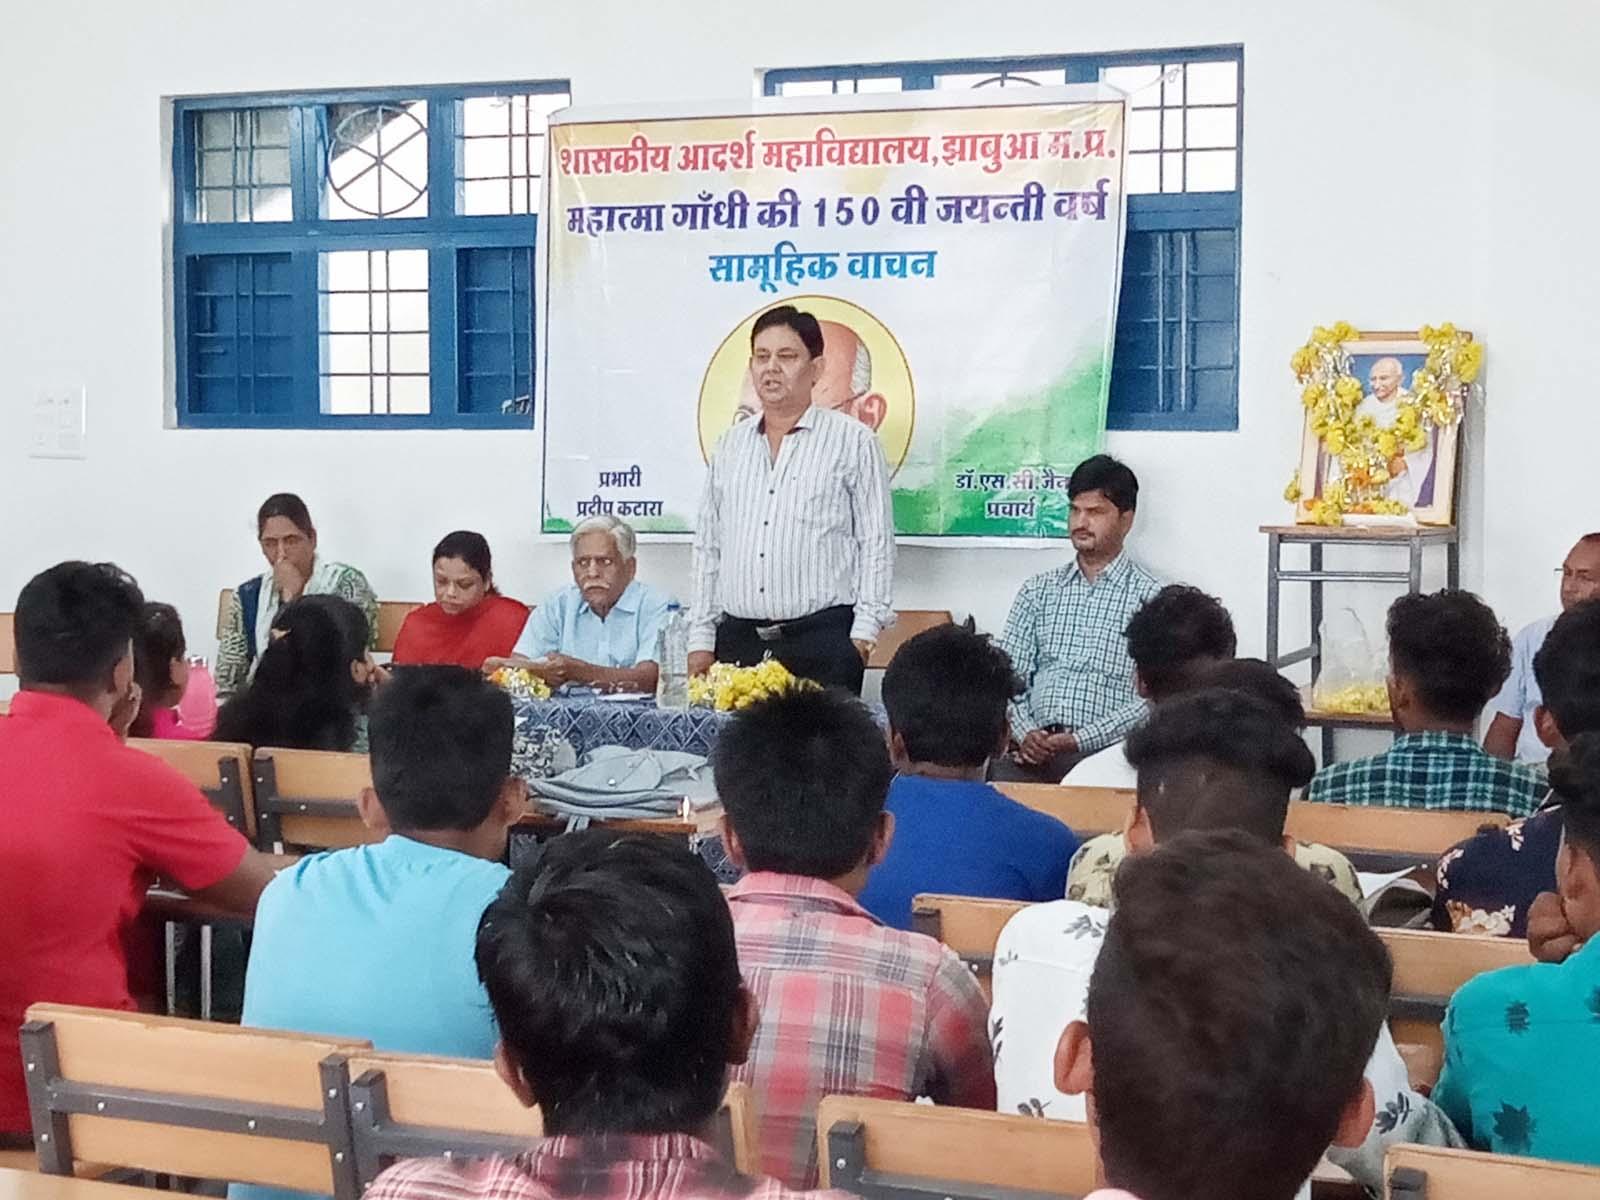 Jhabua News-महात्मा गांधी की 150वीं जयंती पर कार्यक्रम आयोजित